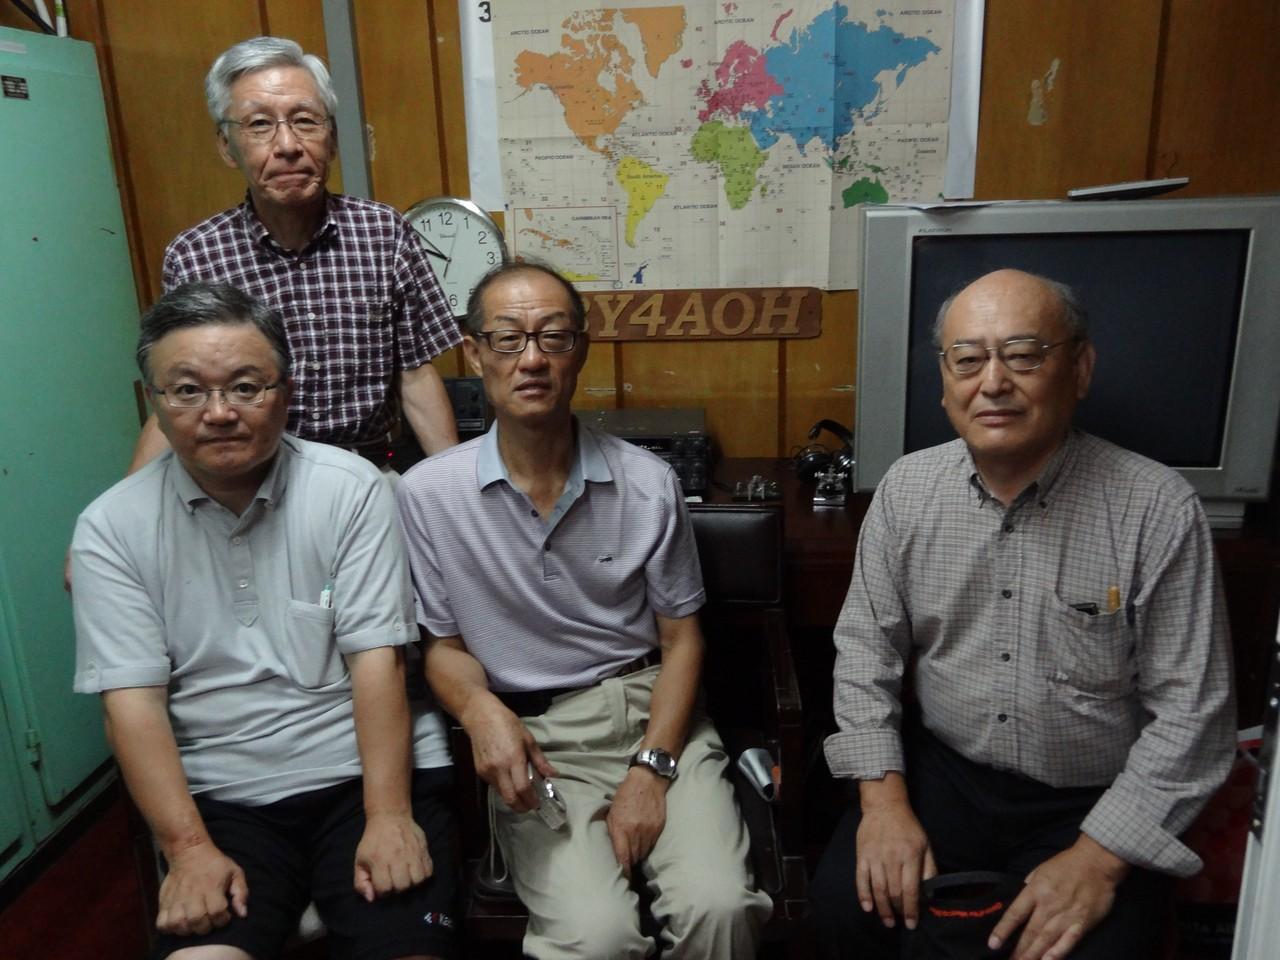 オリンピックホテル内 BY4AOH JF1AGB、JE1PYH、胡先生、7K3GNL